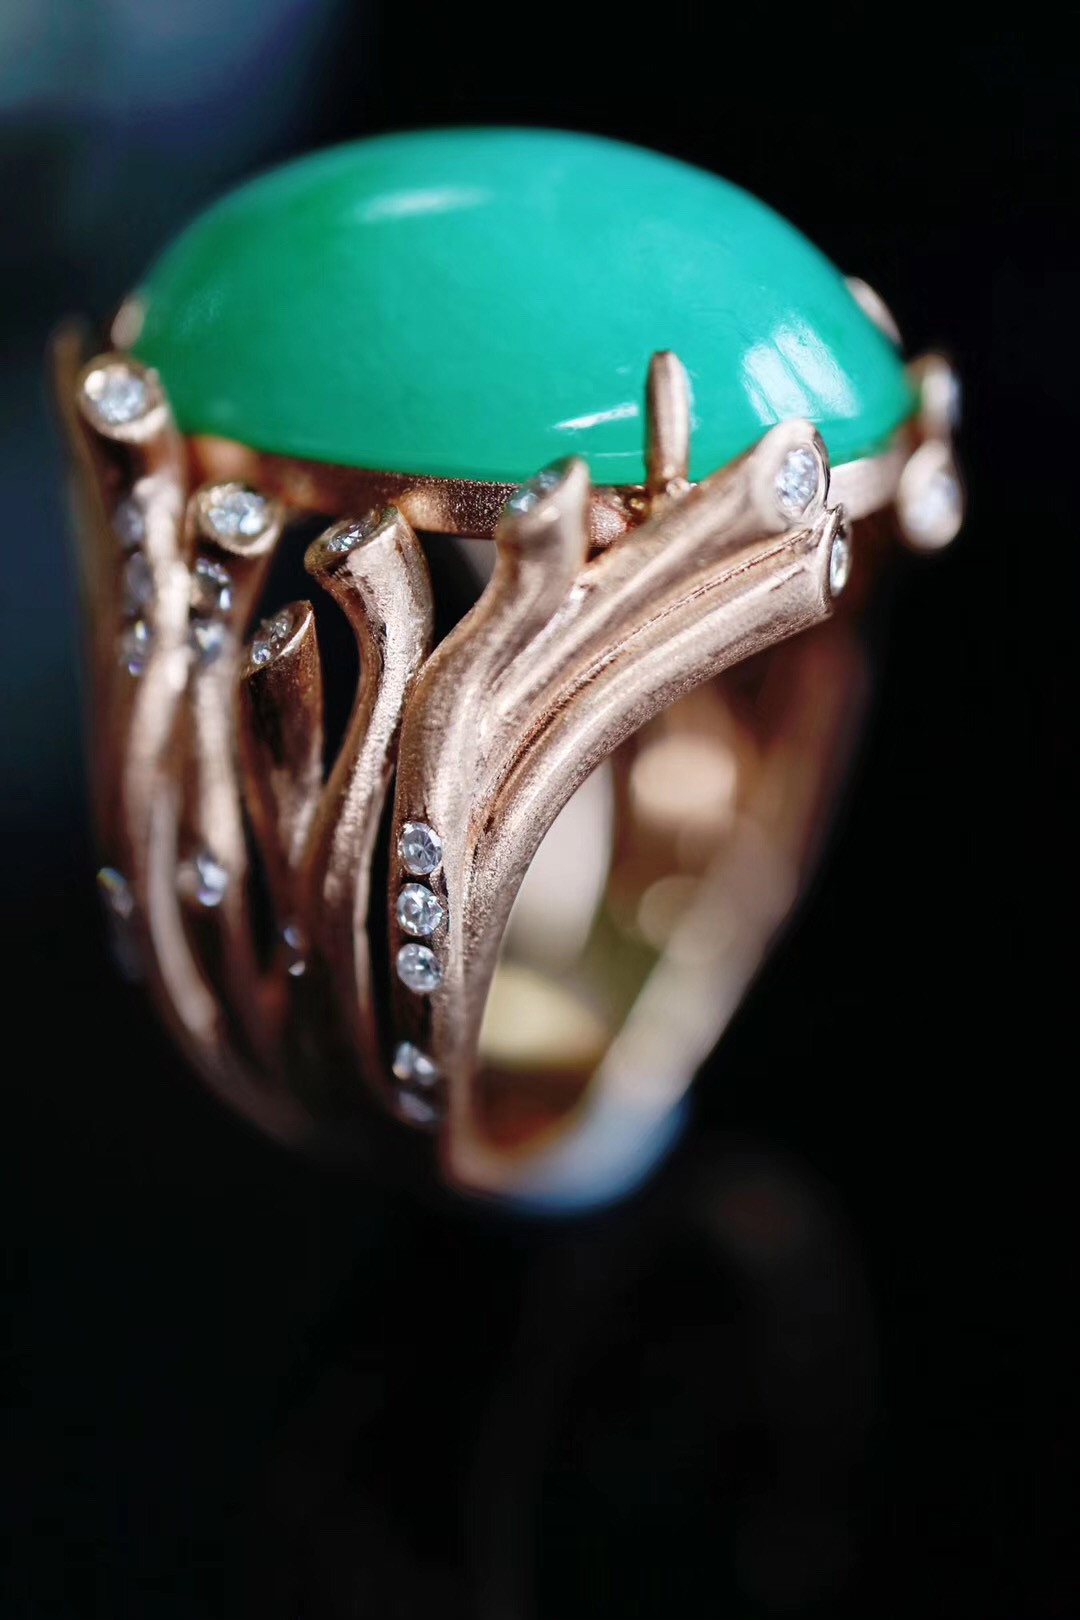 【菩心-🍀翡翠戒指】历时近2月的工期的翡翠&生命戒-菩心晶舍